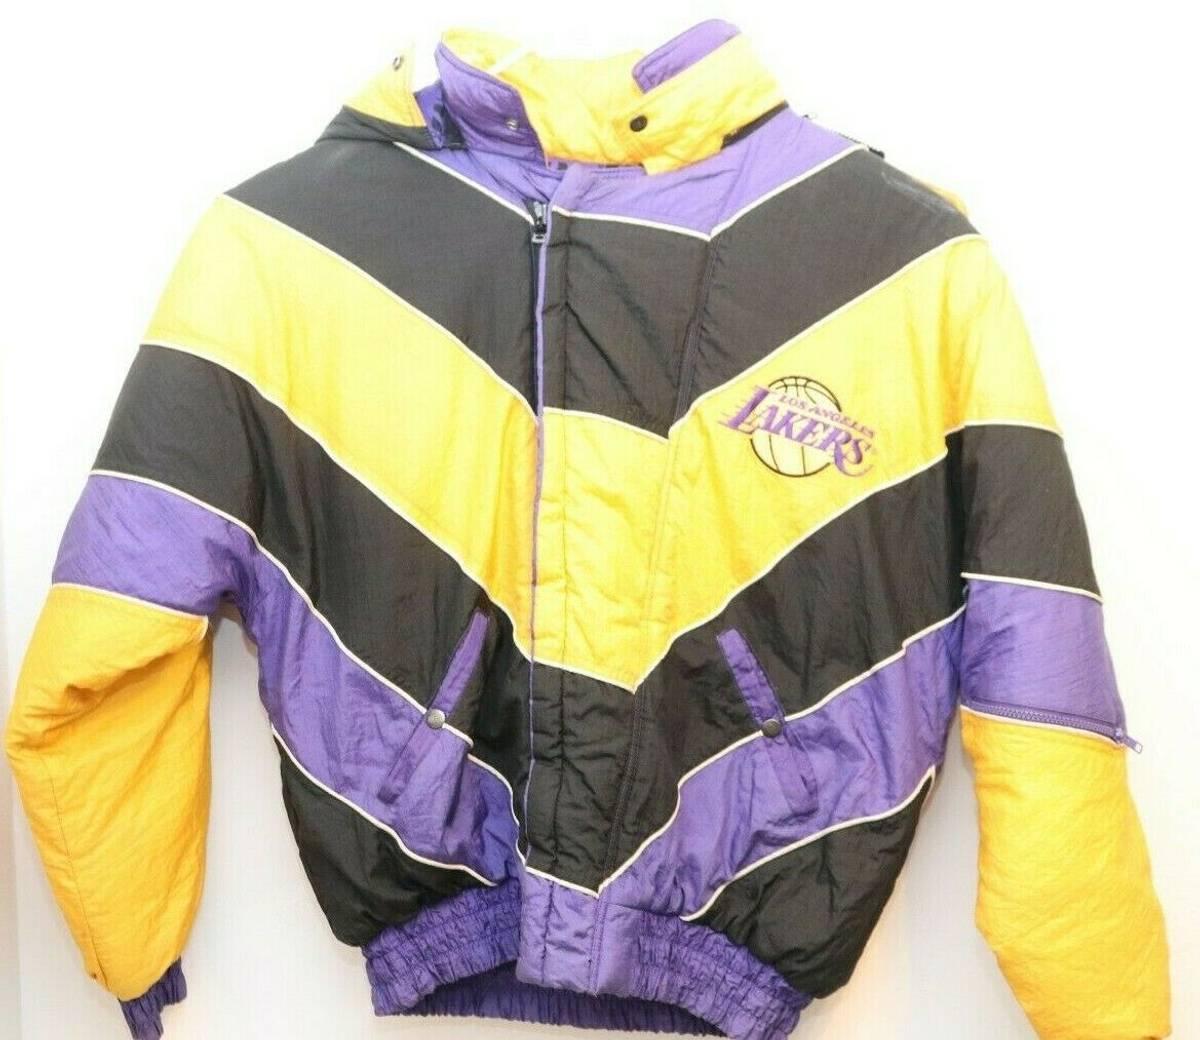 Vintage Vintage Los Angeles Lakers La Pro Player Jacket Color Block Spellout Nba Sz L Grailed